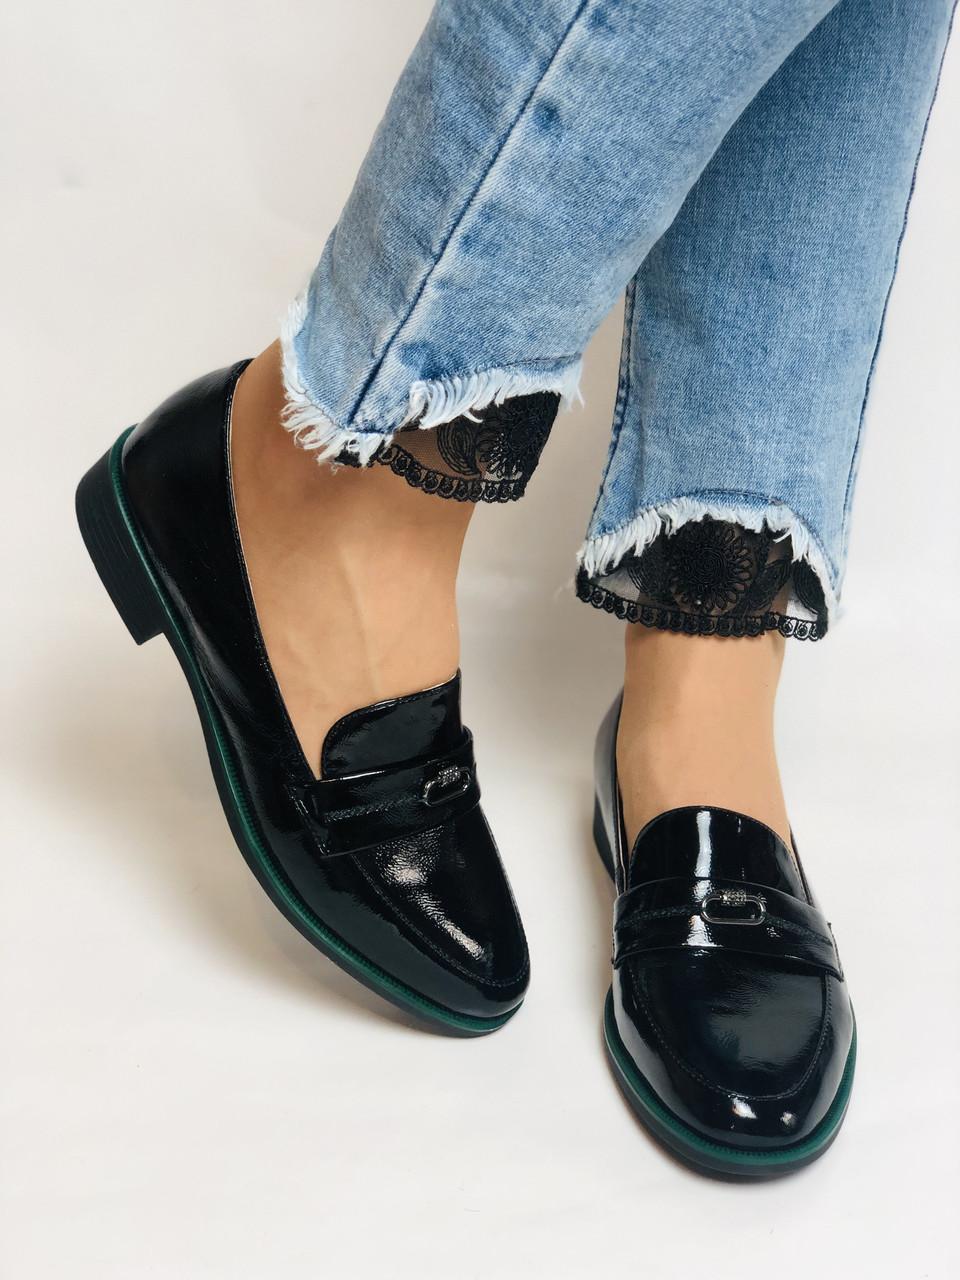 Molka. Жіночі туфлі-лофери. Чорні з натуральної лакованої шкіри. Розмір 36,37,38,39,40,41